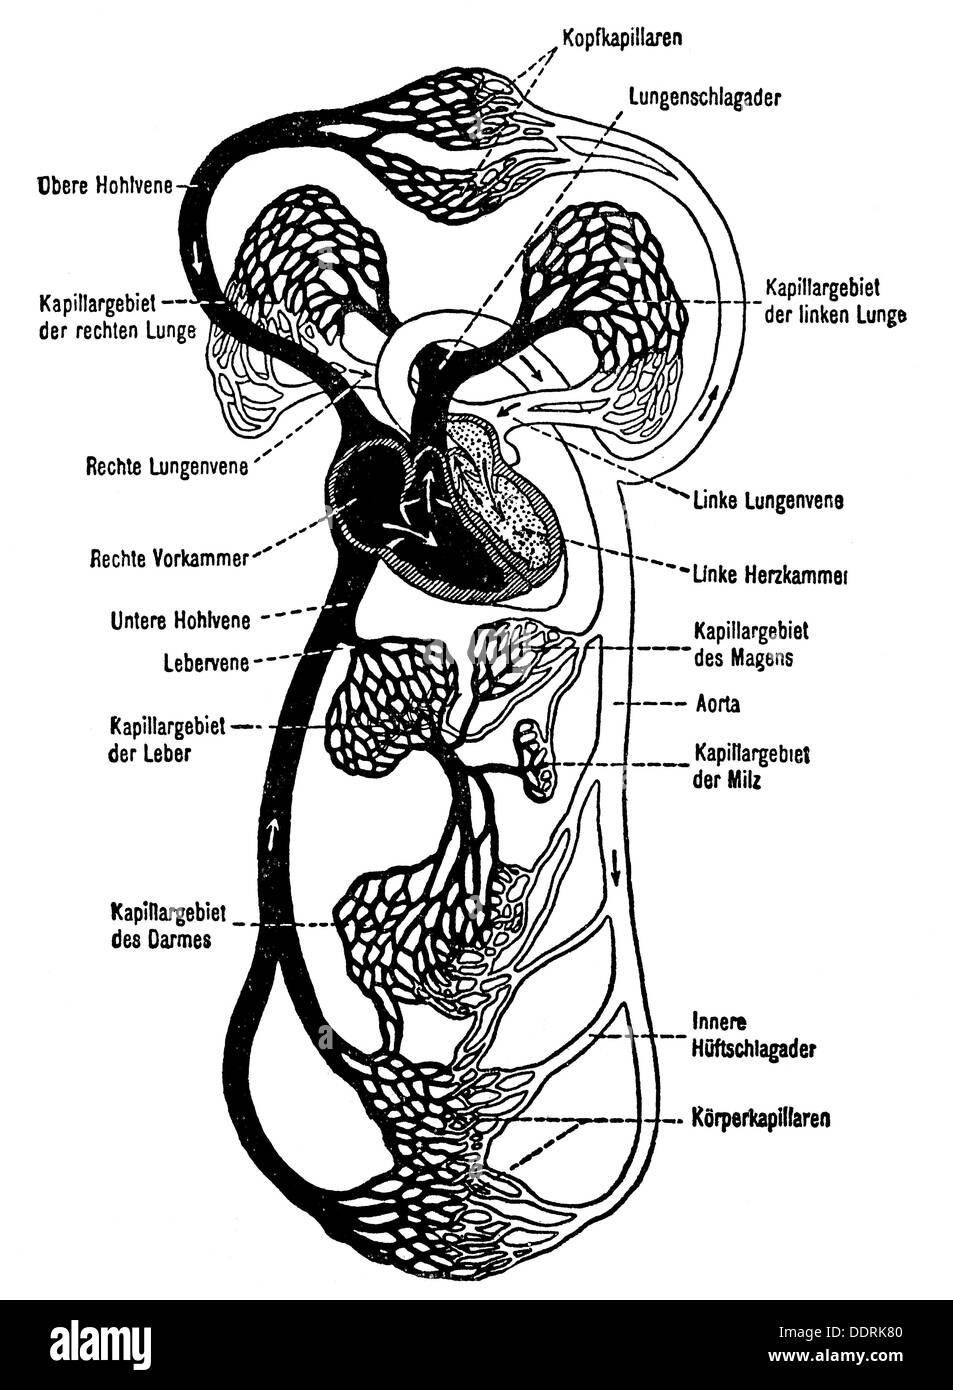 Anatomía de la medicina de la circulación sanguínea de dibujo de ...